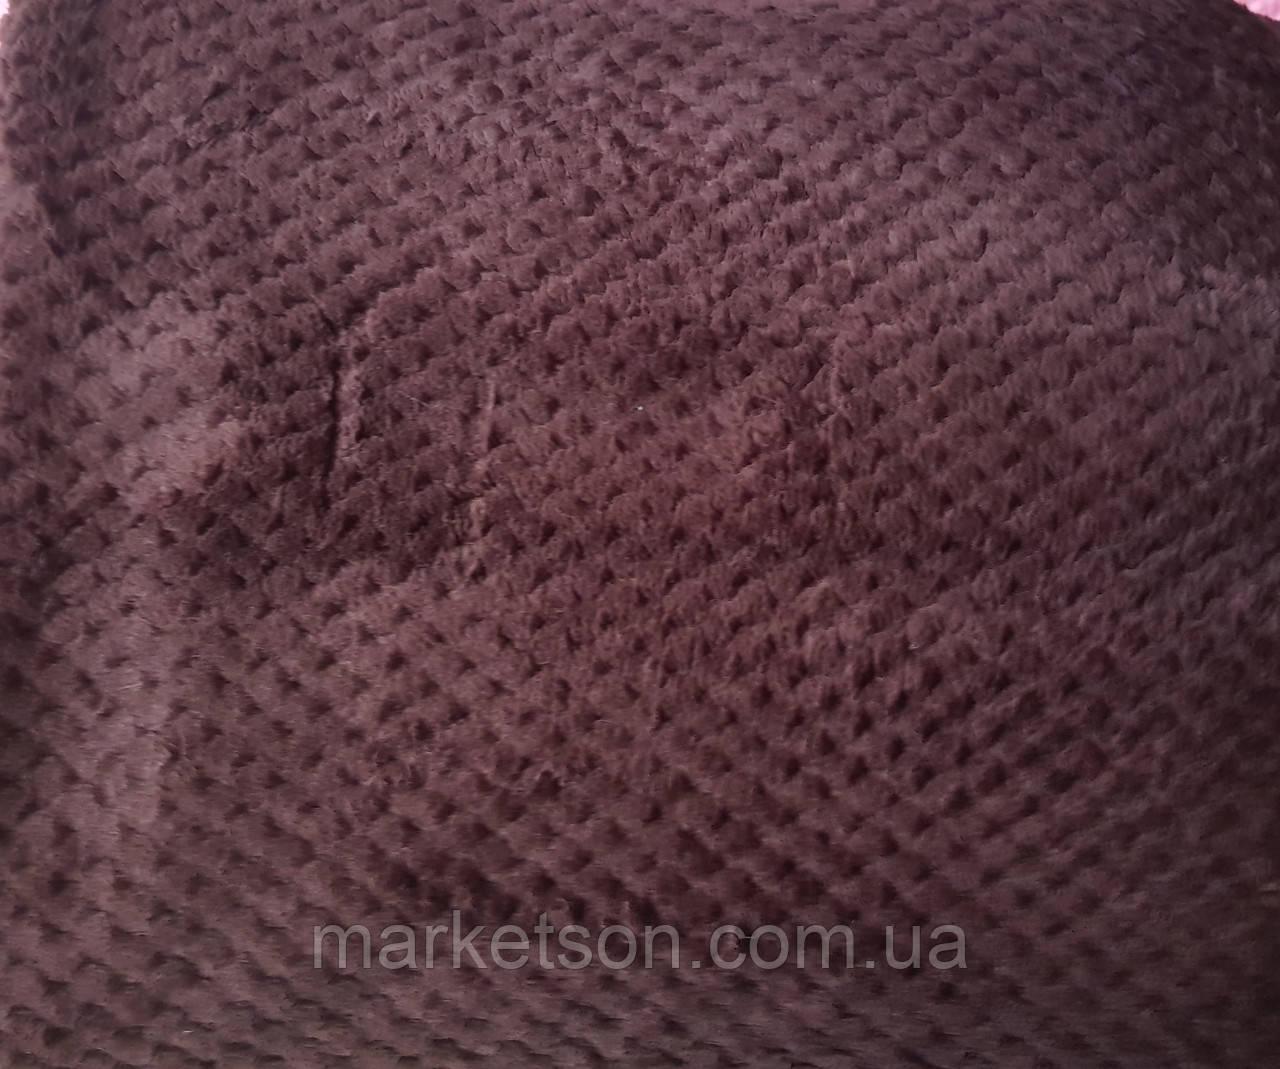 Простынь махровая из бамбука 150*200. Шоколад.